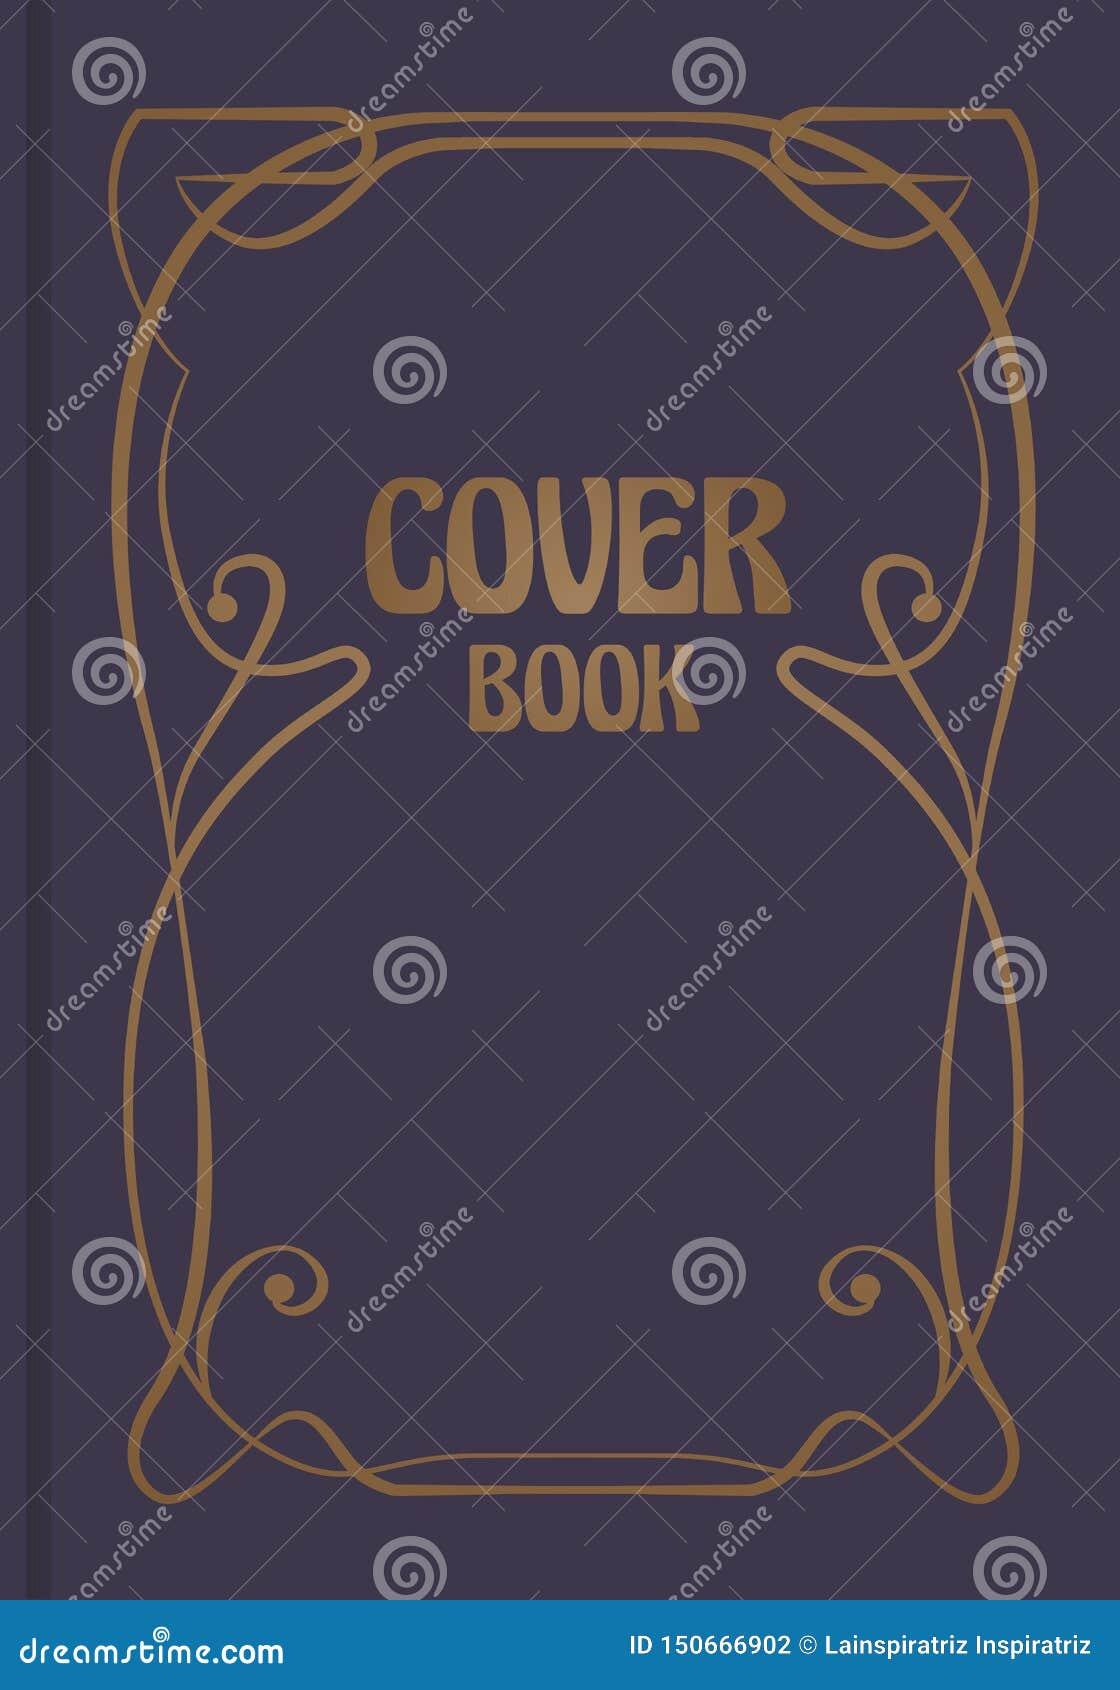 Античная обложка книги с декоративной орнаментальной модернистской границей